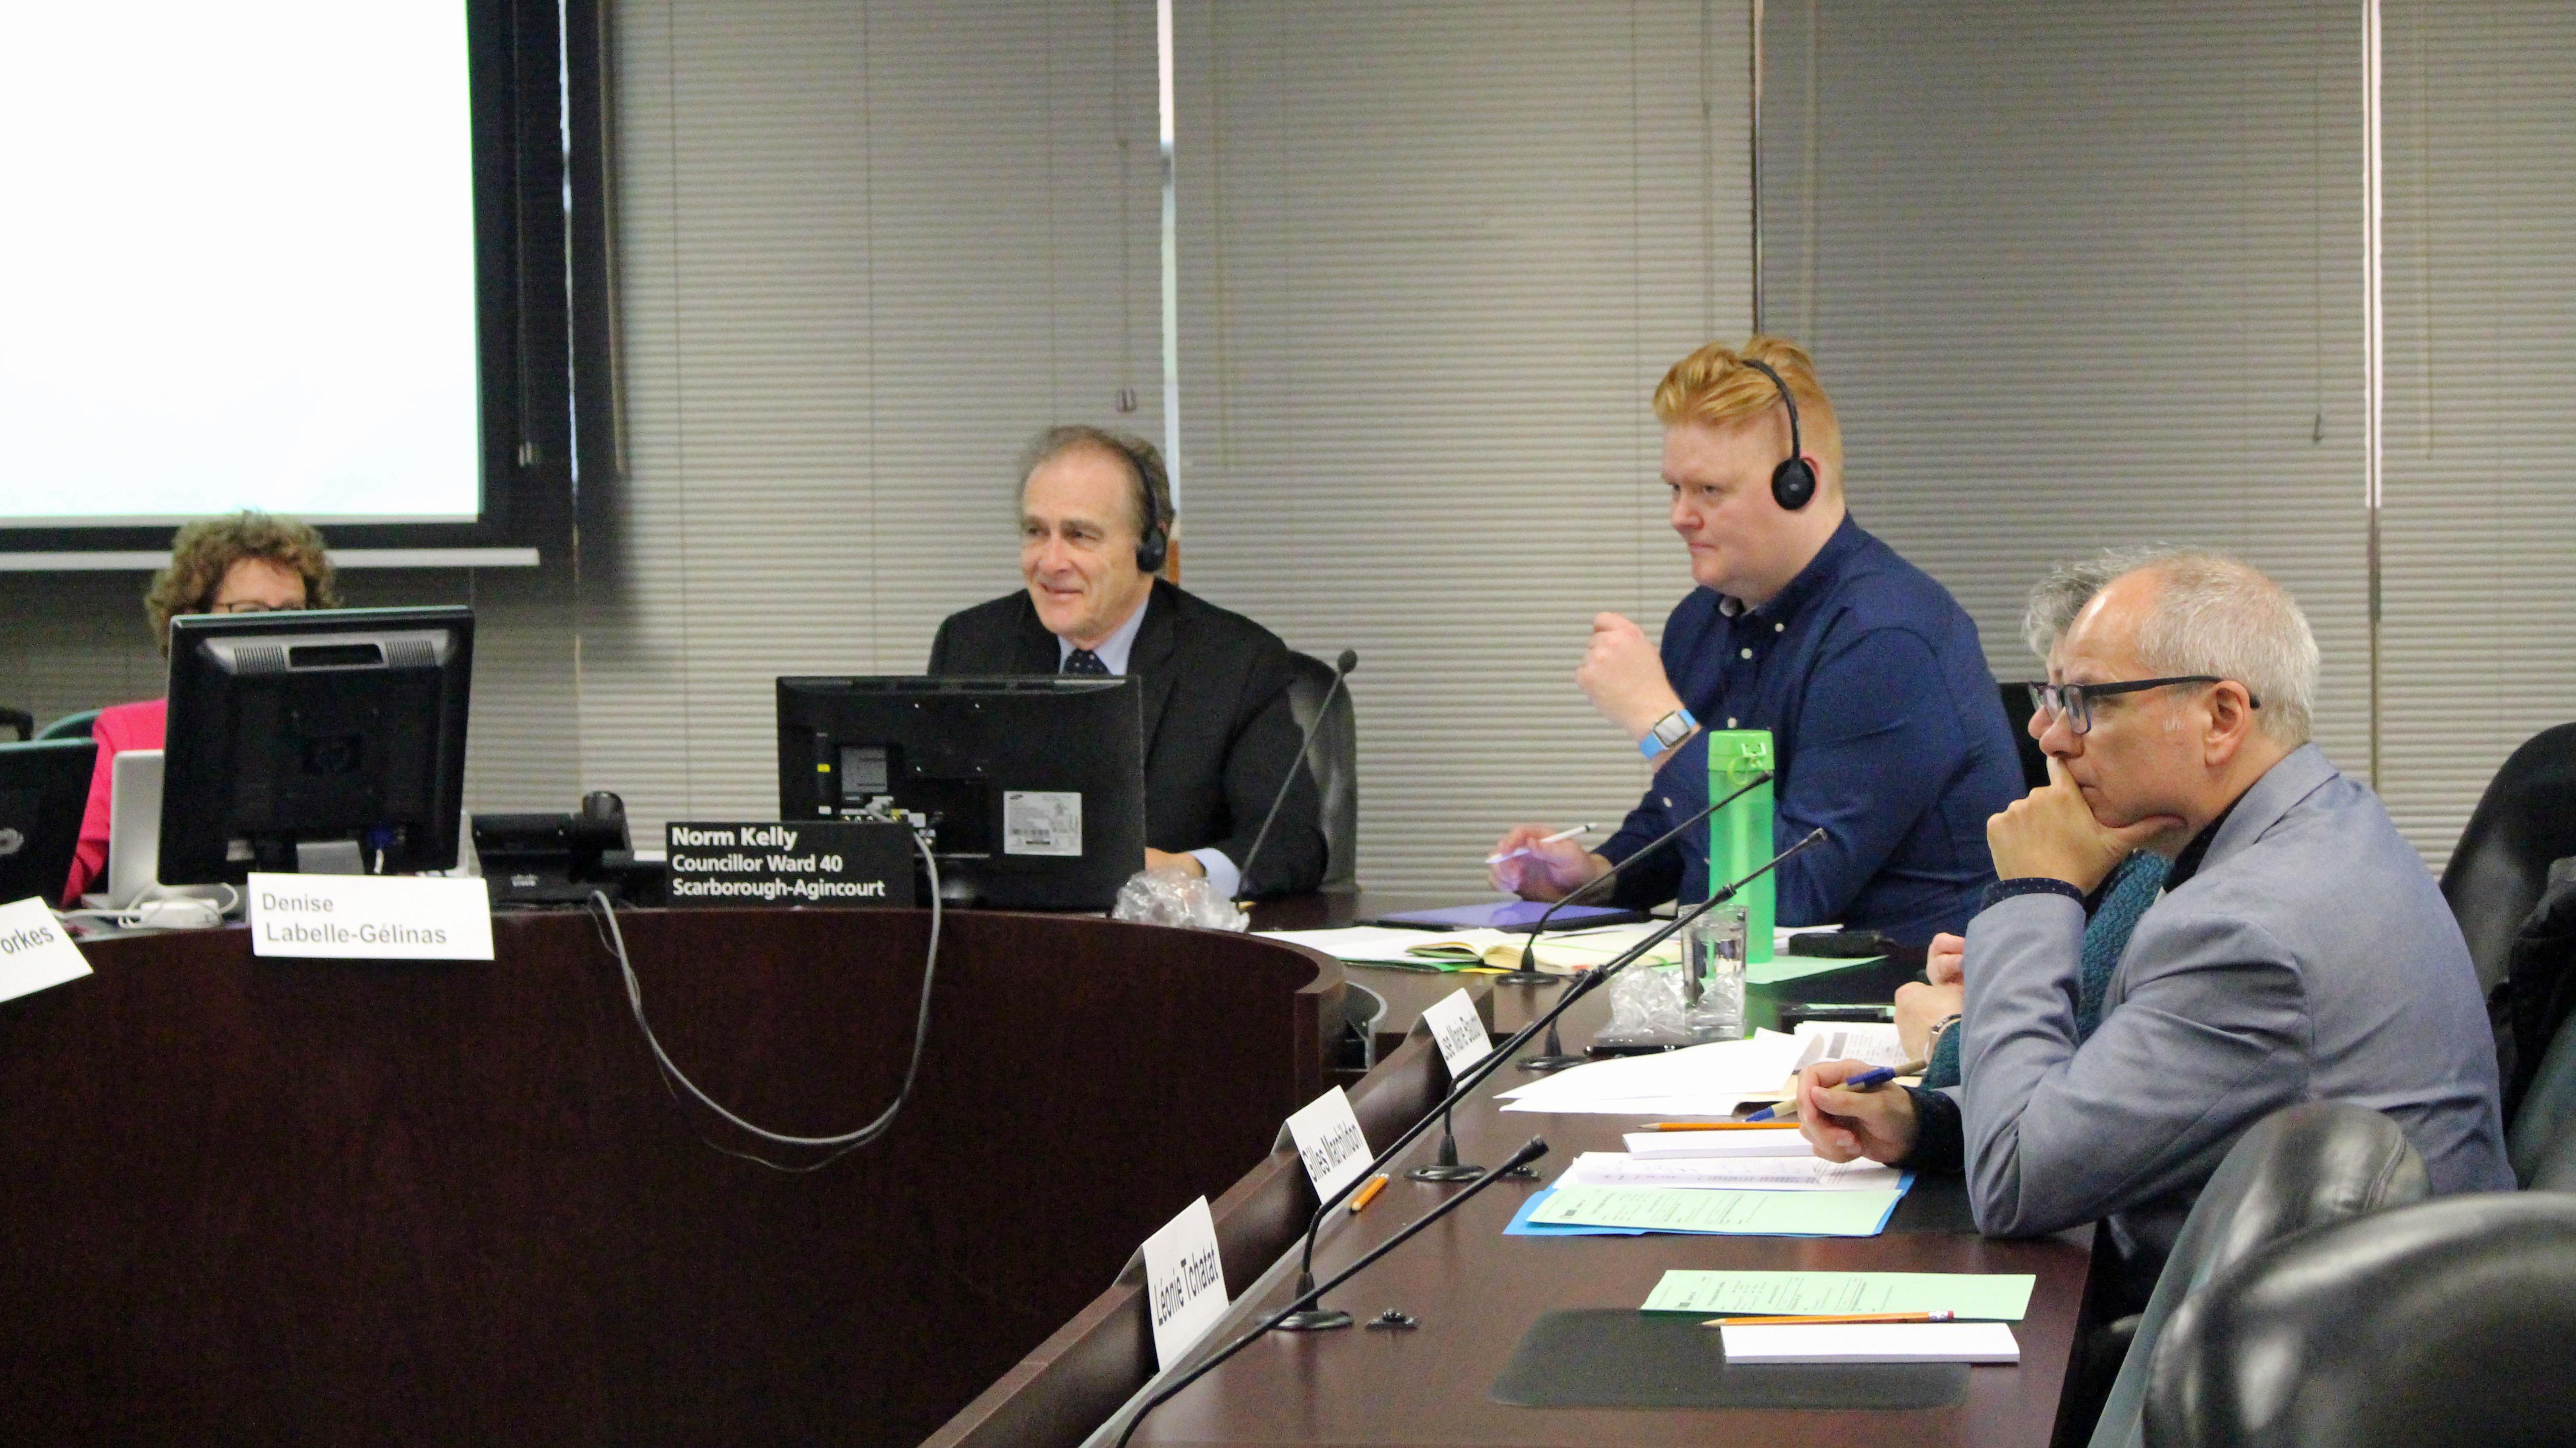 Le coprésident et conseiller municipal Norm Kelly se dit enthousiasmé par le projet d'une université de langue française dans le Grand Toronto